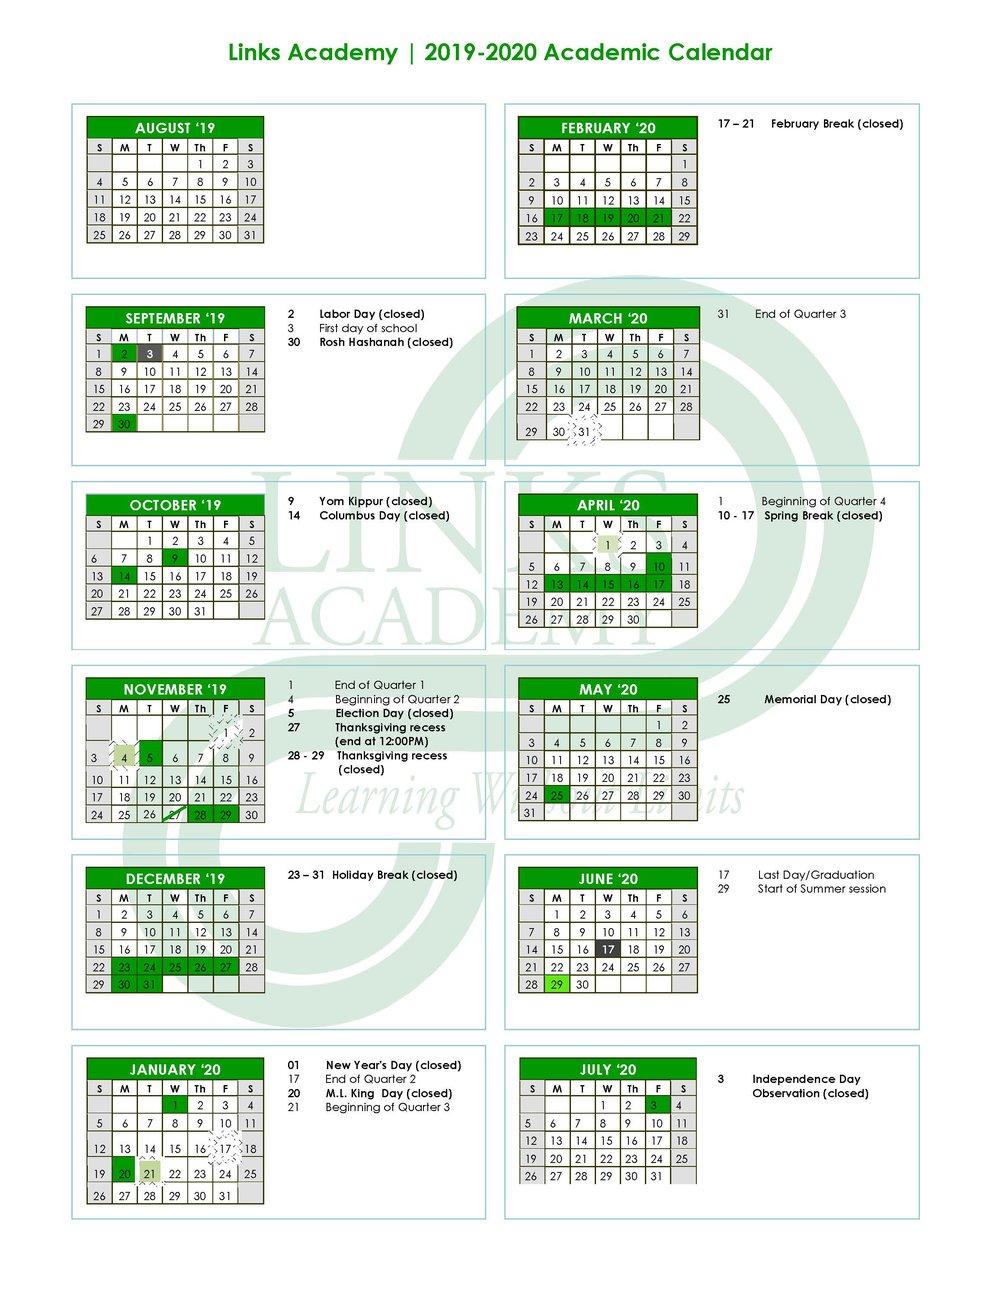 Academic Calendar — Links Academy Within Nassau Cc 19 20 Calendar